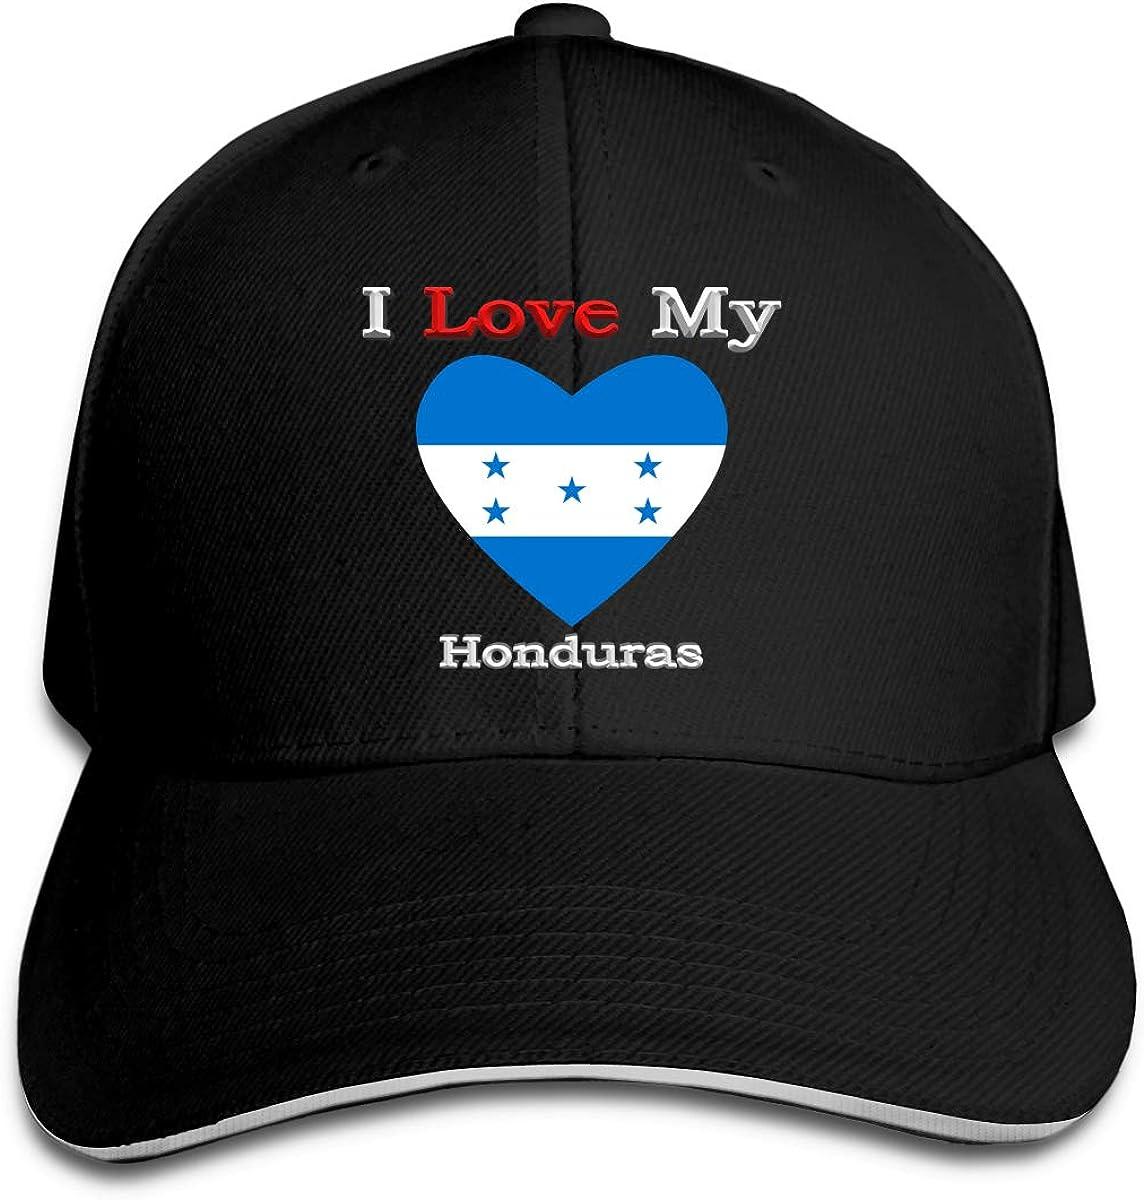 I Love My Flag of Honduras Heart Hat Baseball Cap Duck Tongue Cap Sunhat Fashion Cap